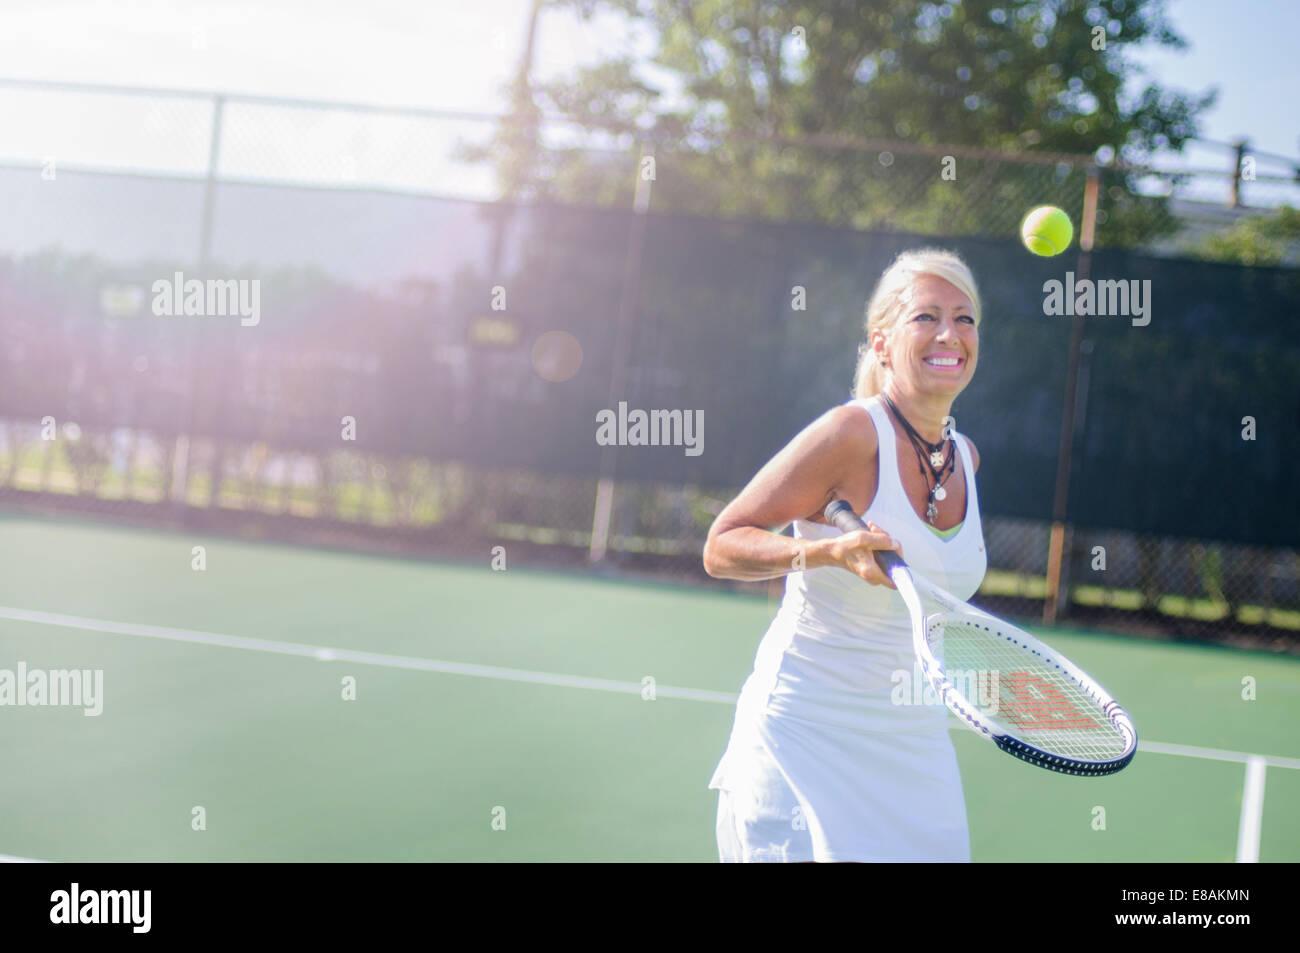 Sorridente donna matura giocando a tennis Immagini Stock